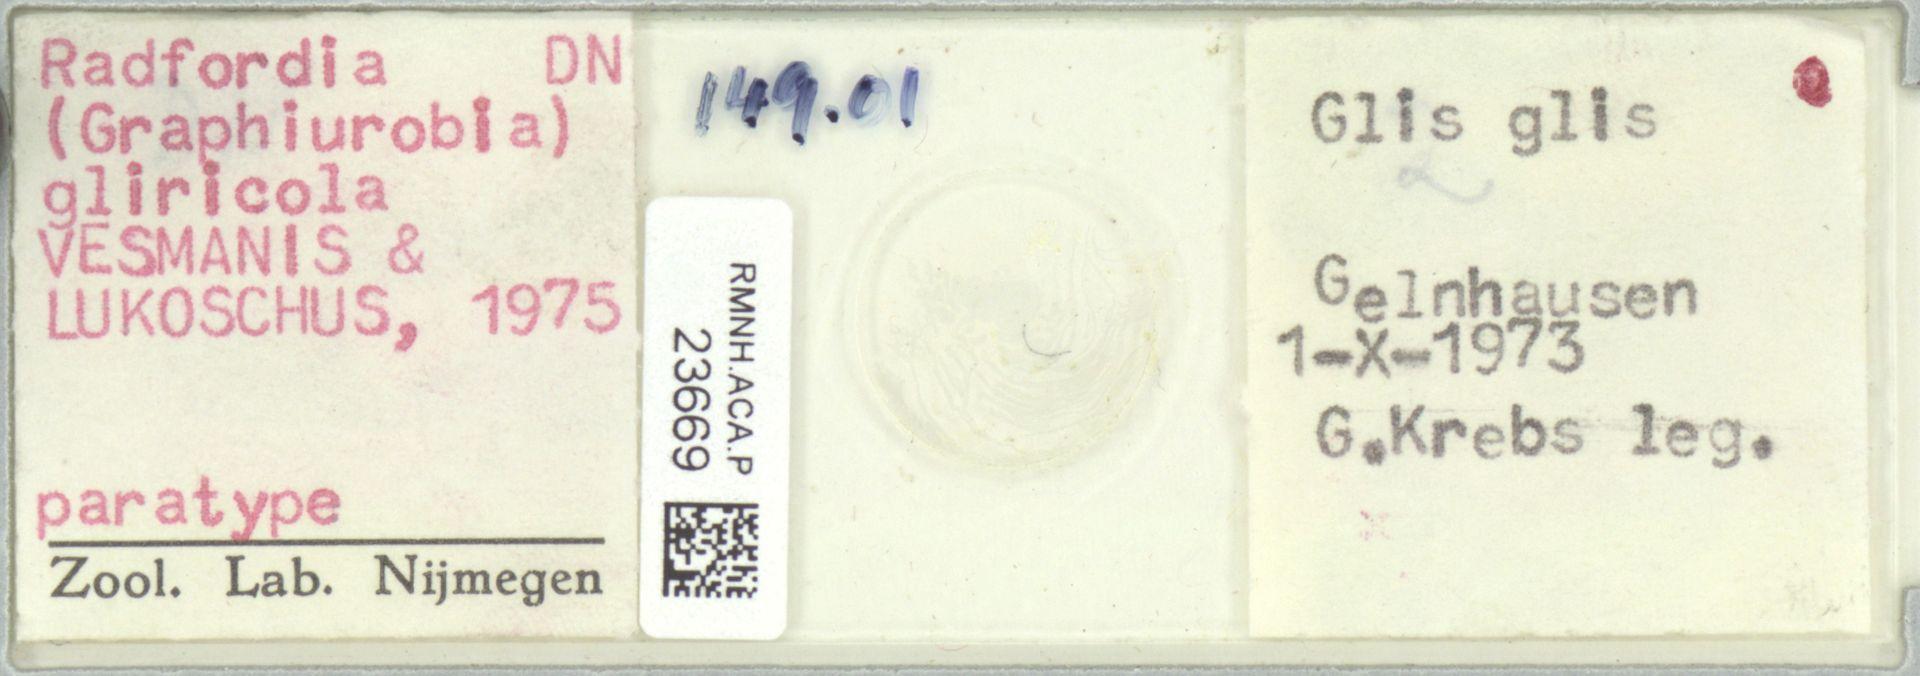 RMNH.ACA.P.23669 | Radfordia (Graphiurobia) gliricola VESMANIS & LUKOSCHUS, 1975